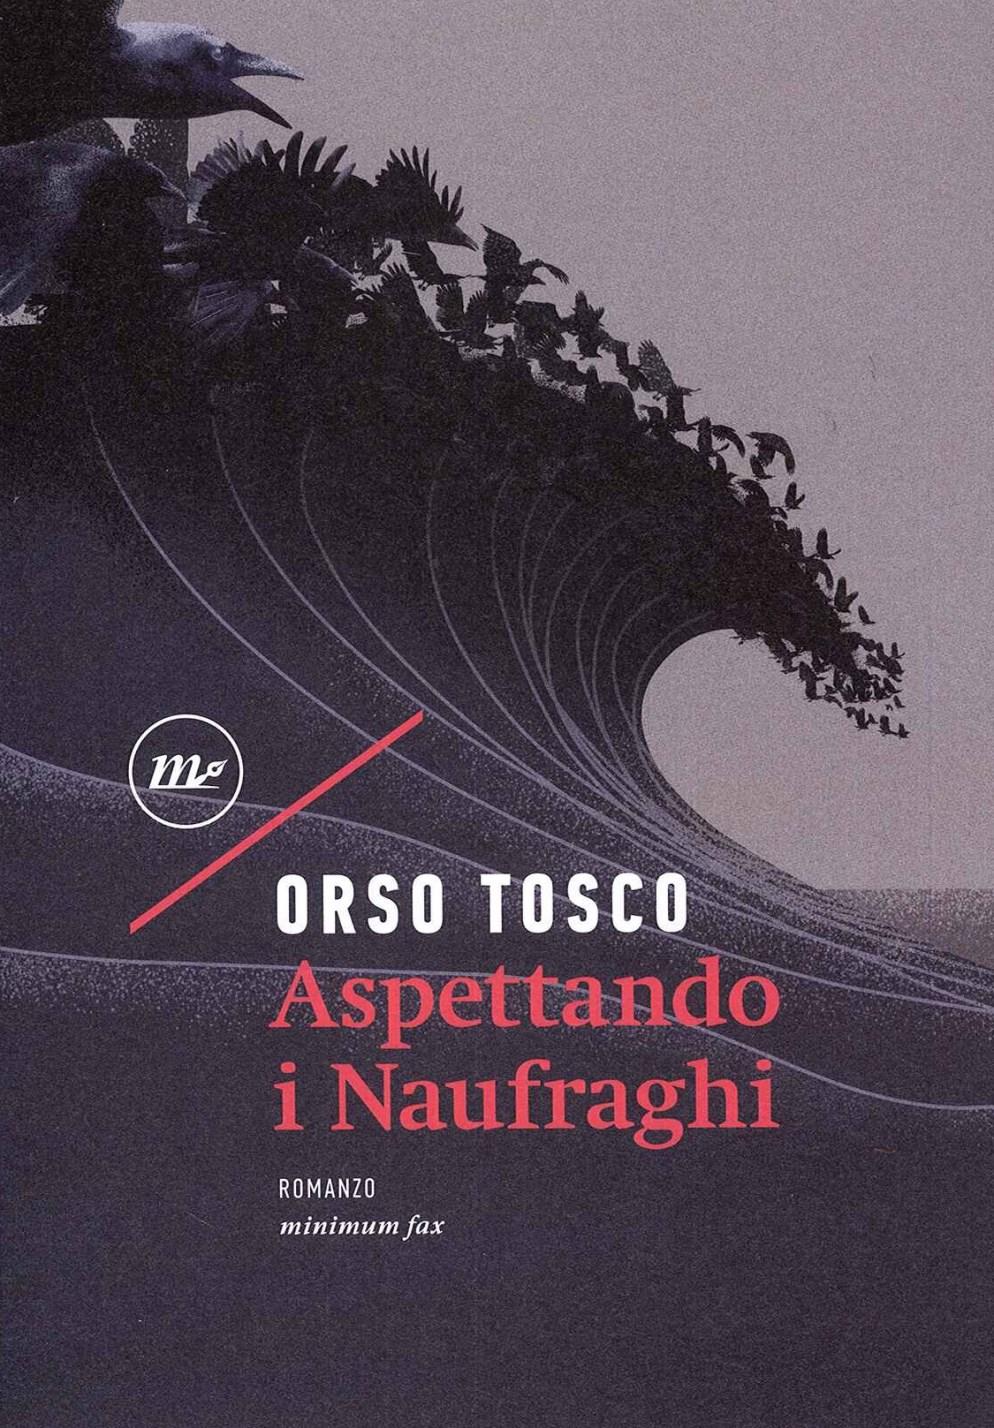 Orso Tosco – Aspettando i Naufraghi